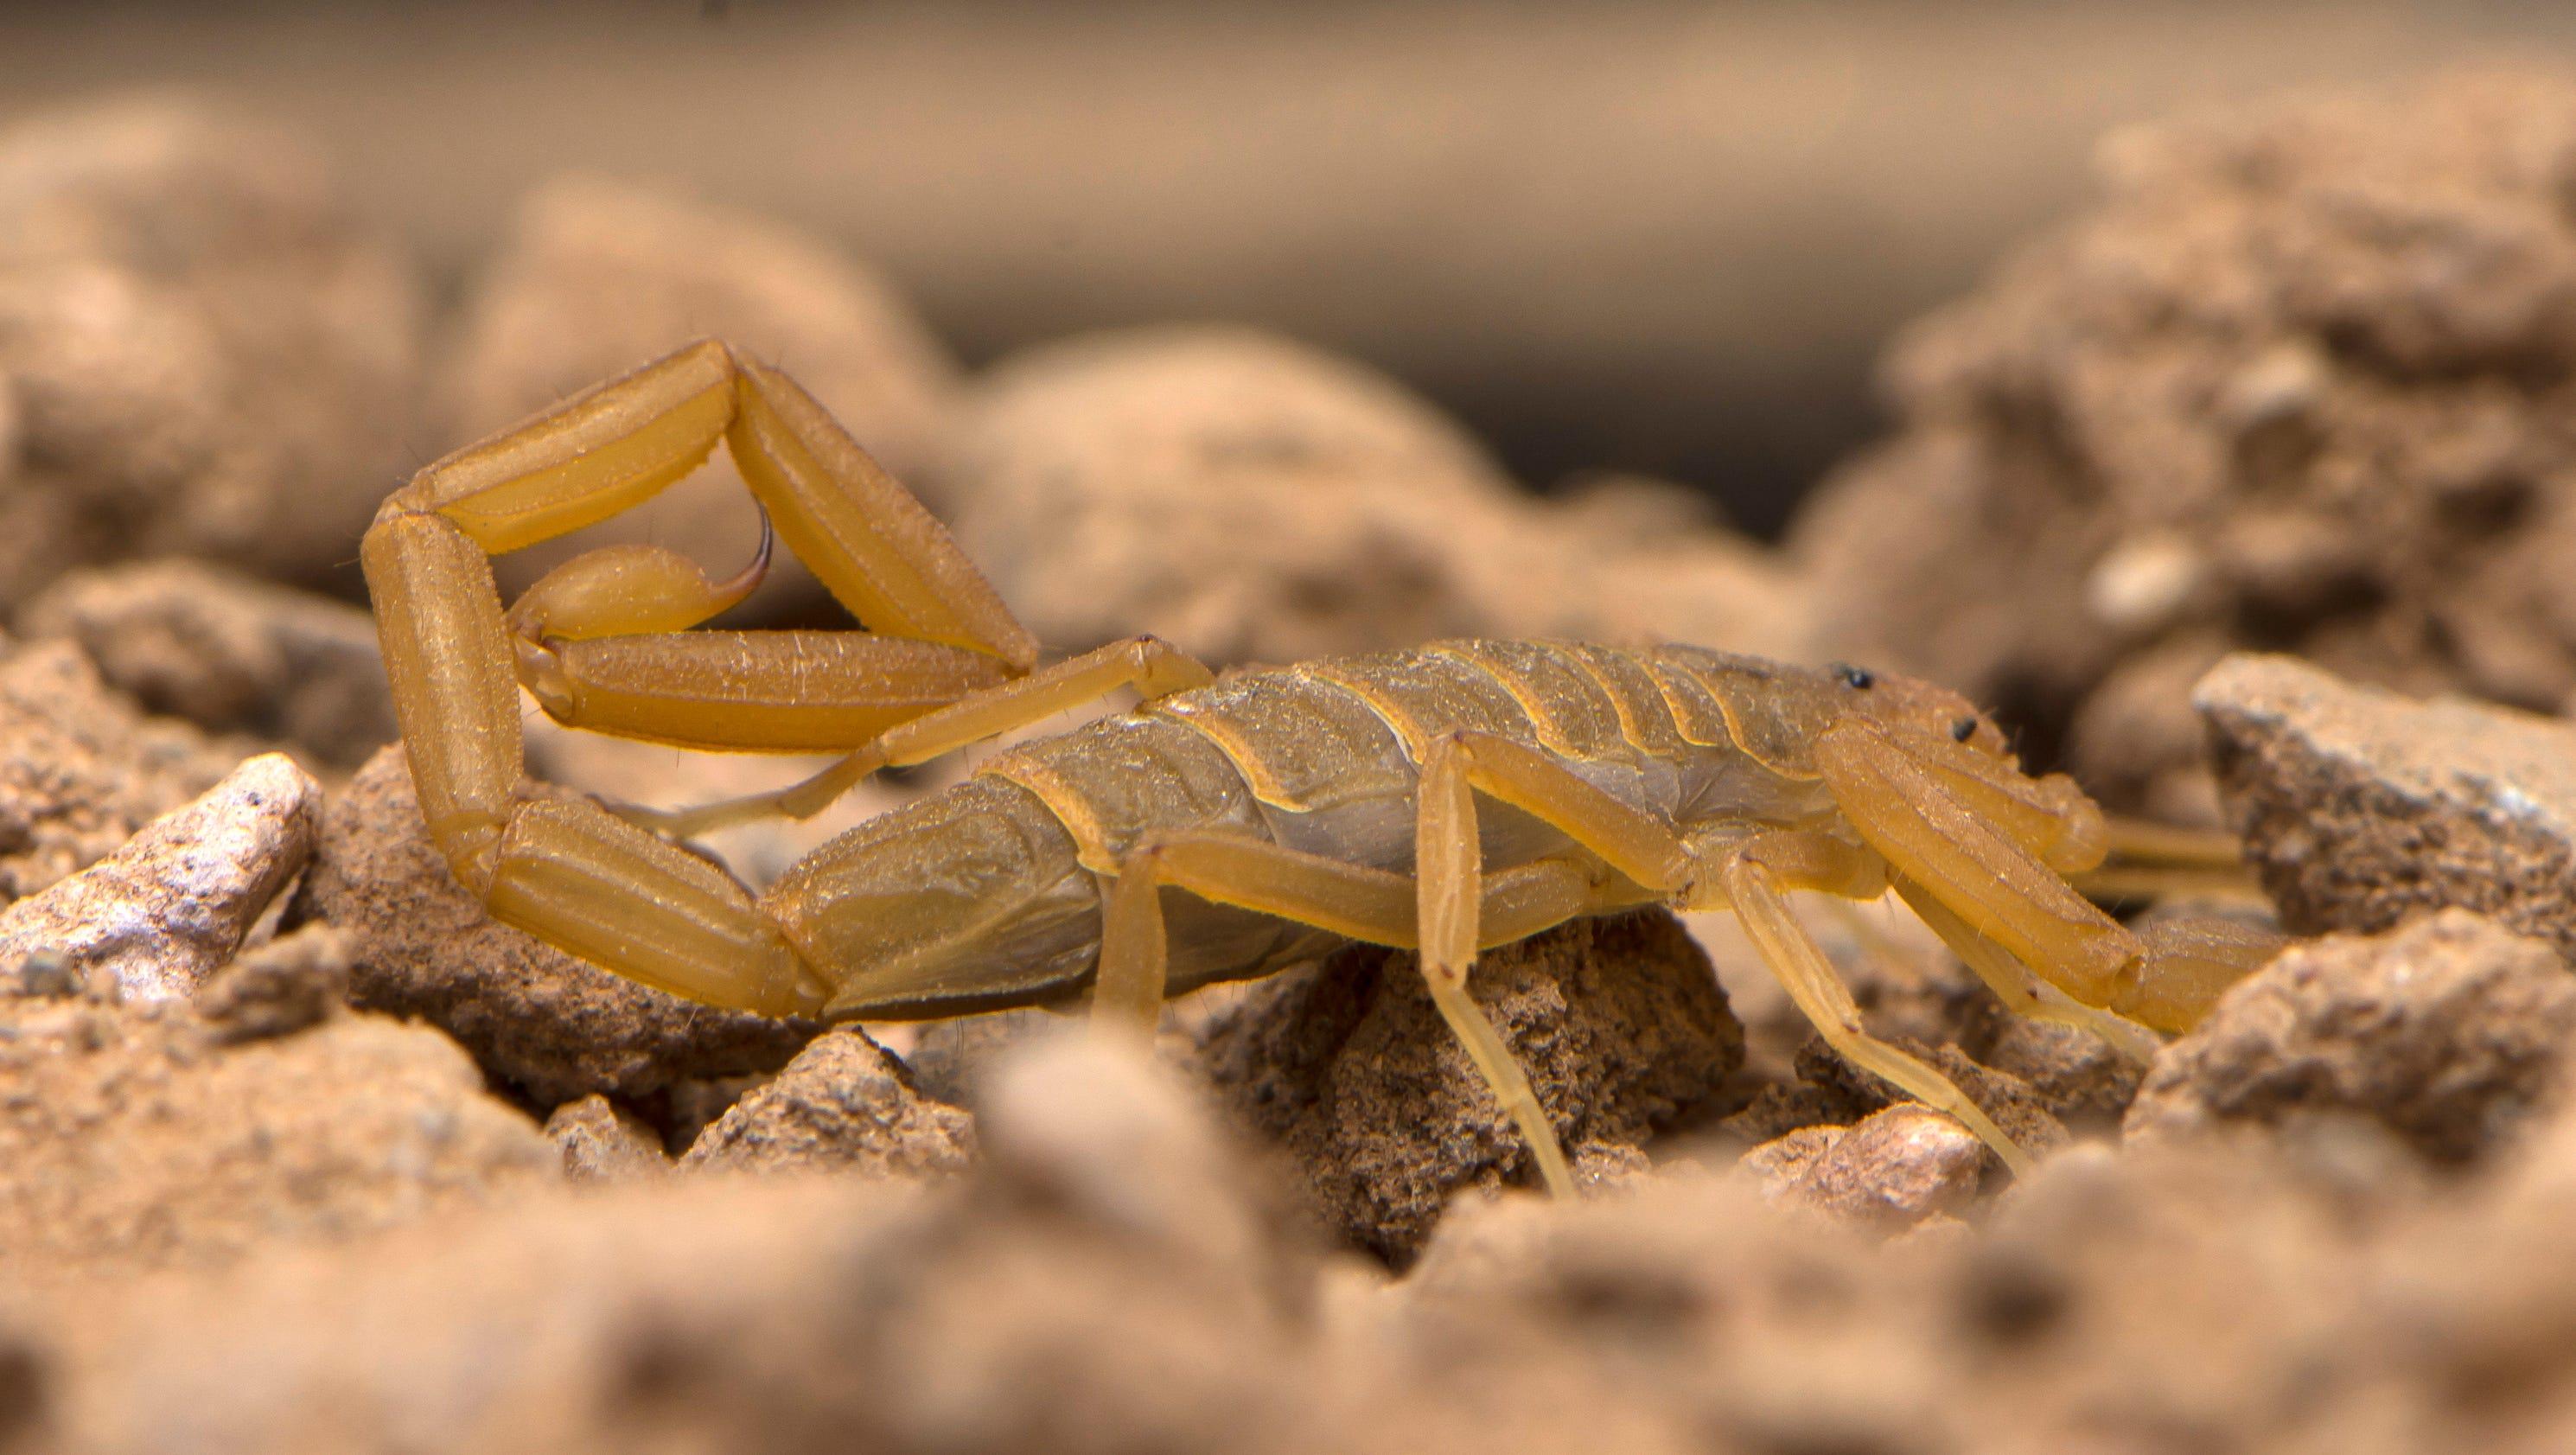 eww arizona u0027s creepiest crawliest inhabitants explained